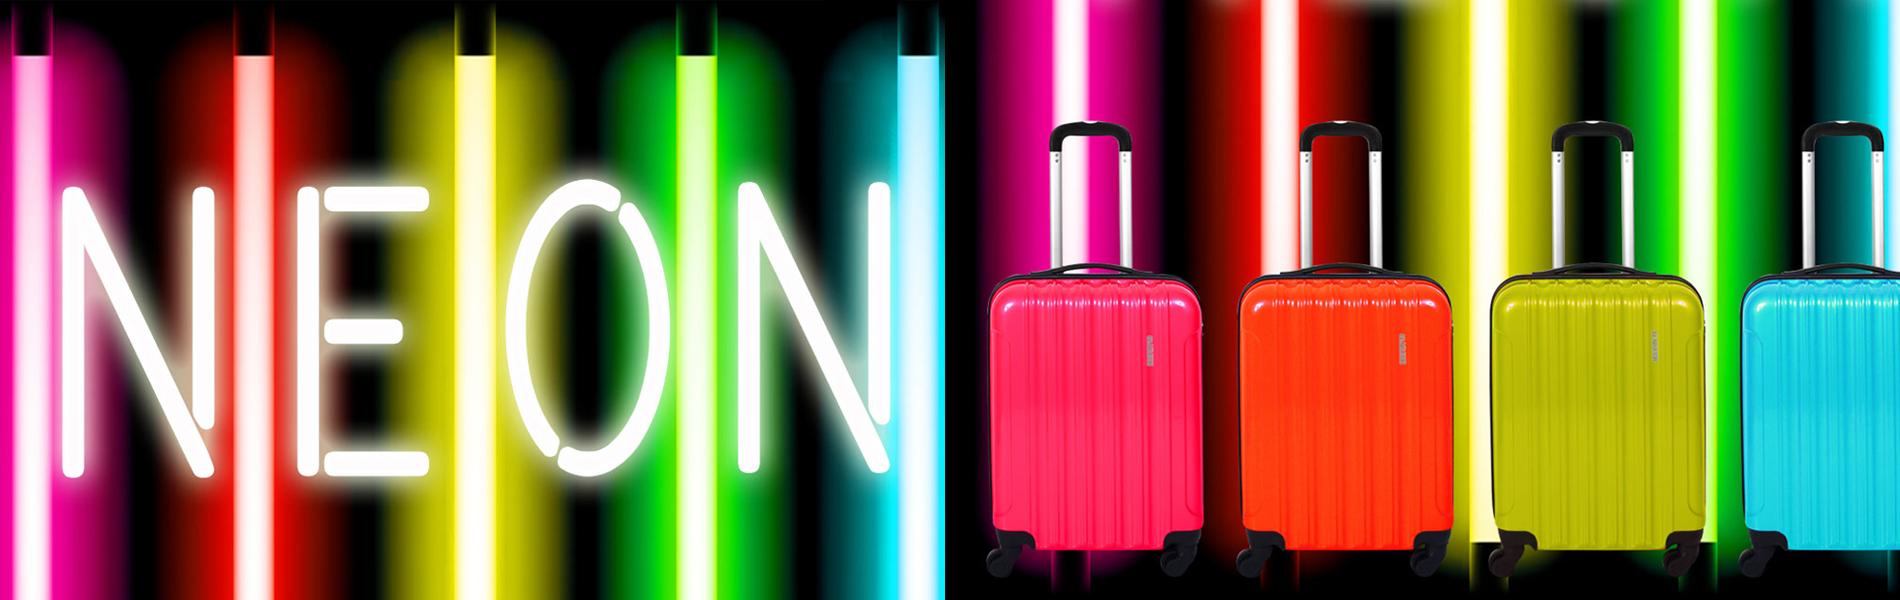 Neon Maletas